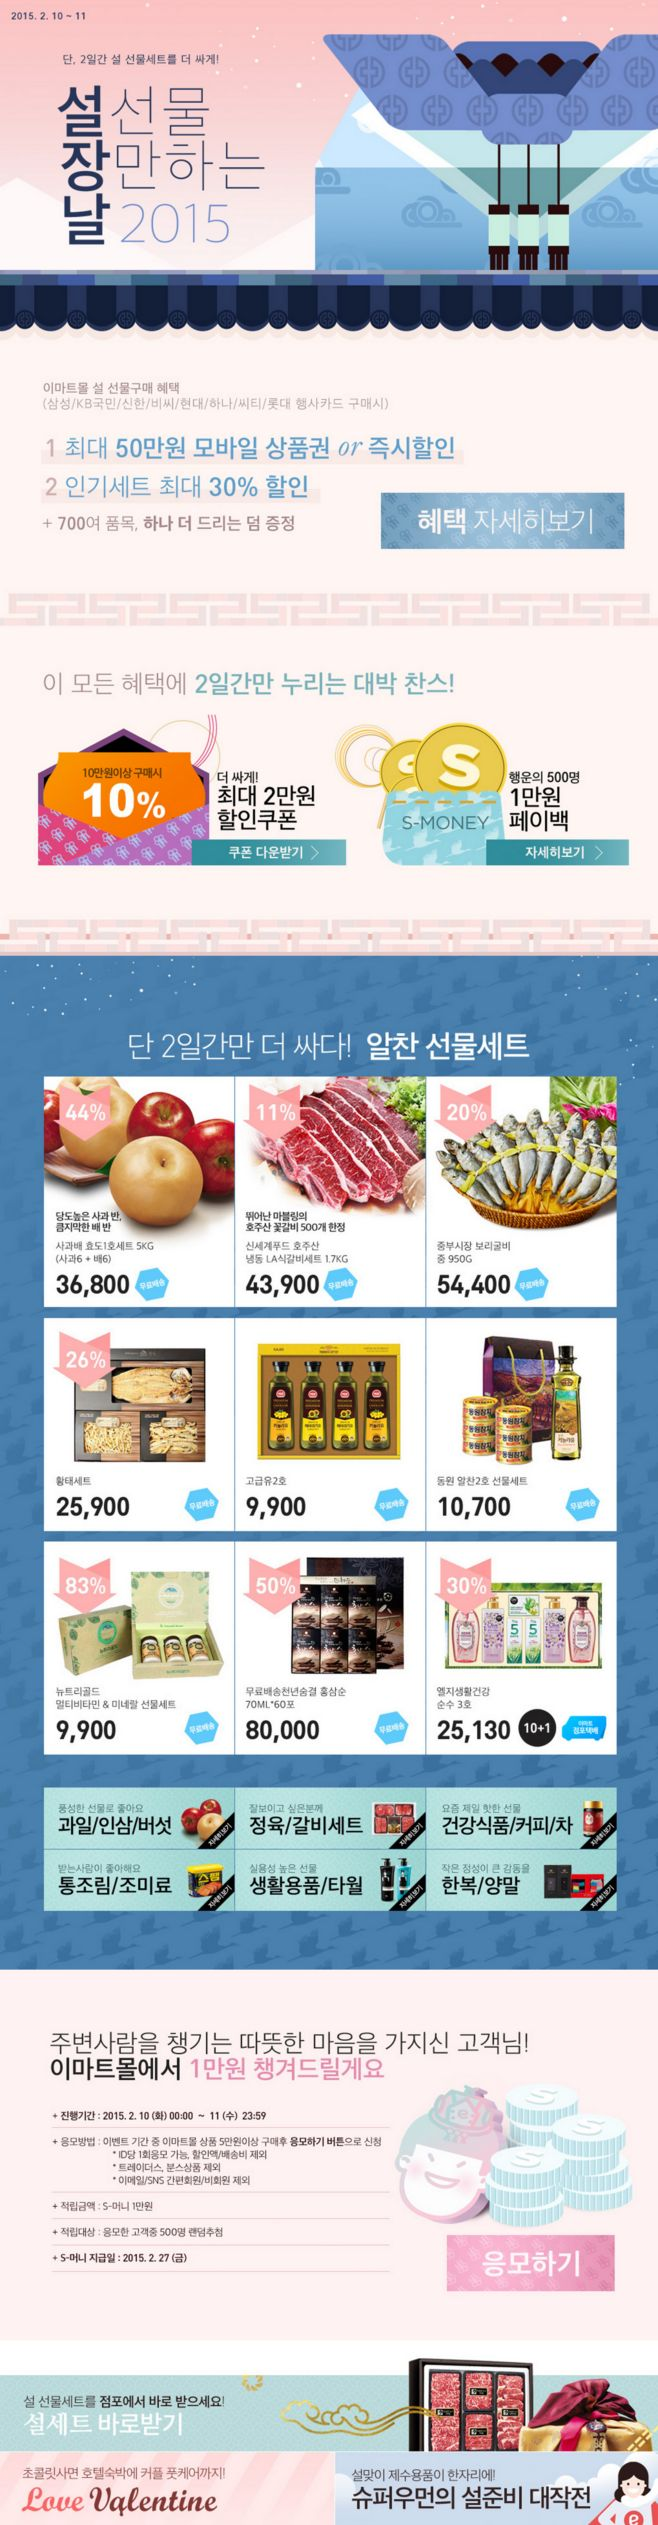 无视雀念念采集到韩国网页(3143图)_花瓣UI/UX